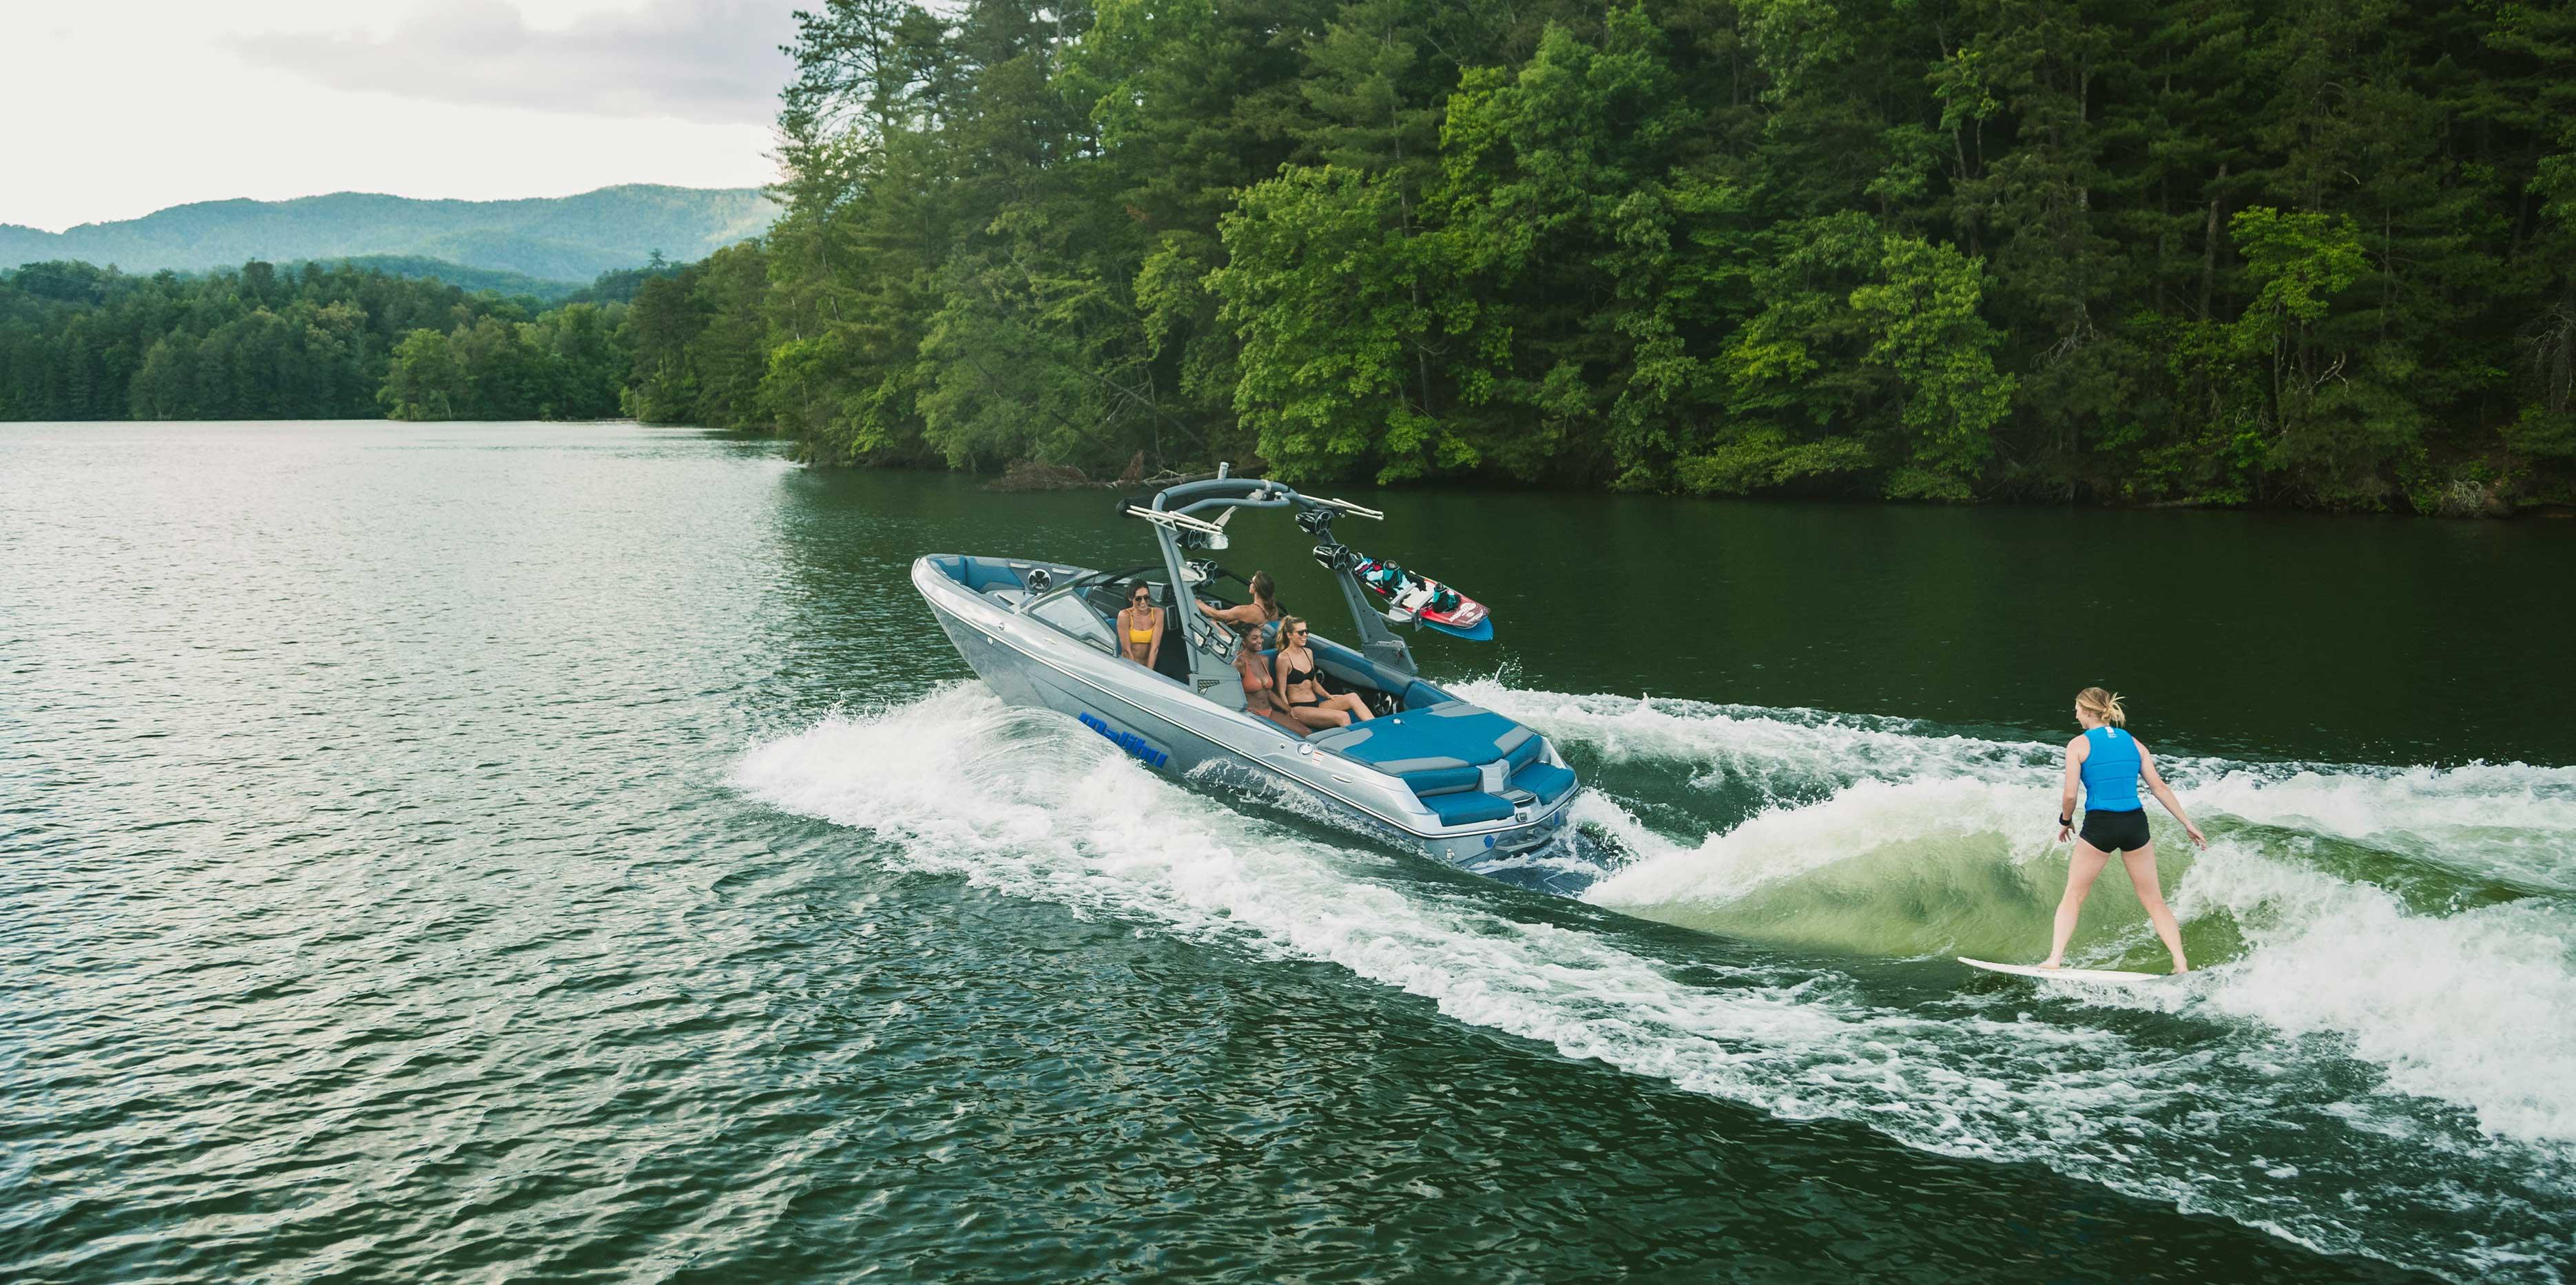 Malibu Boats 22 LSV Wakesurfing